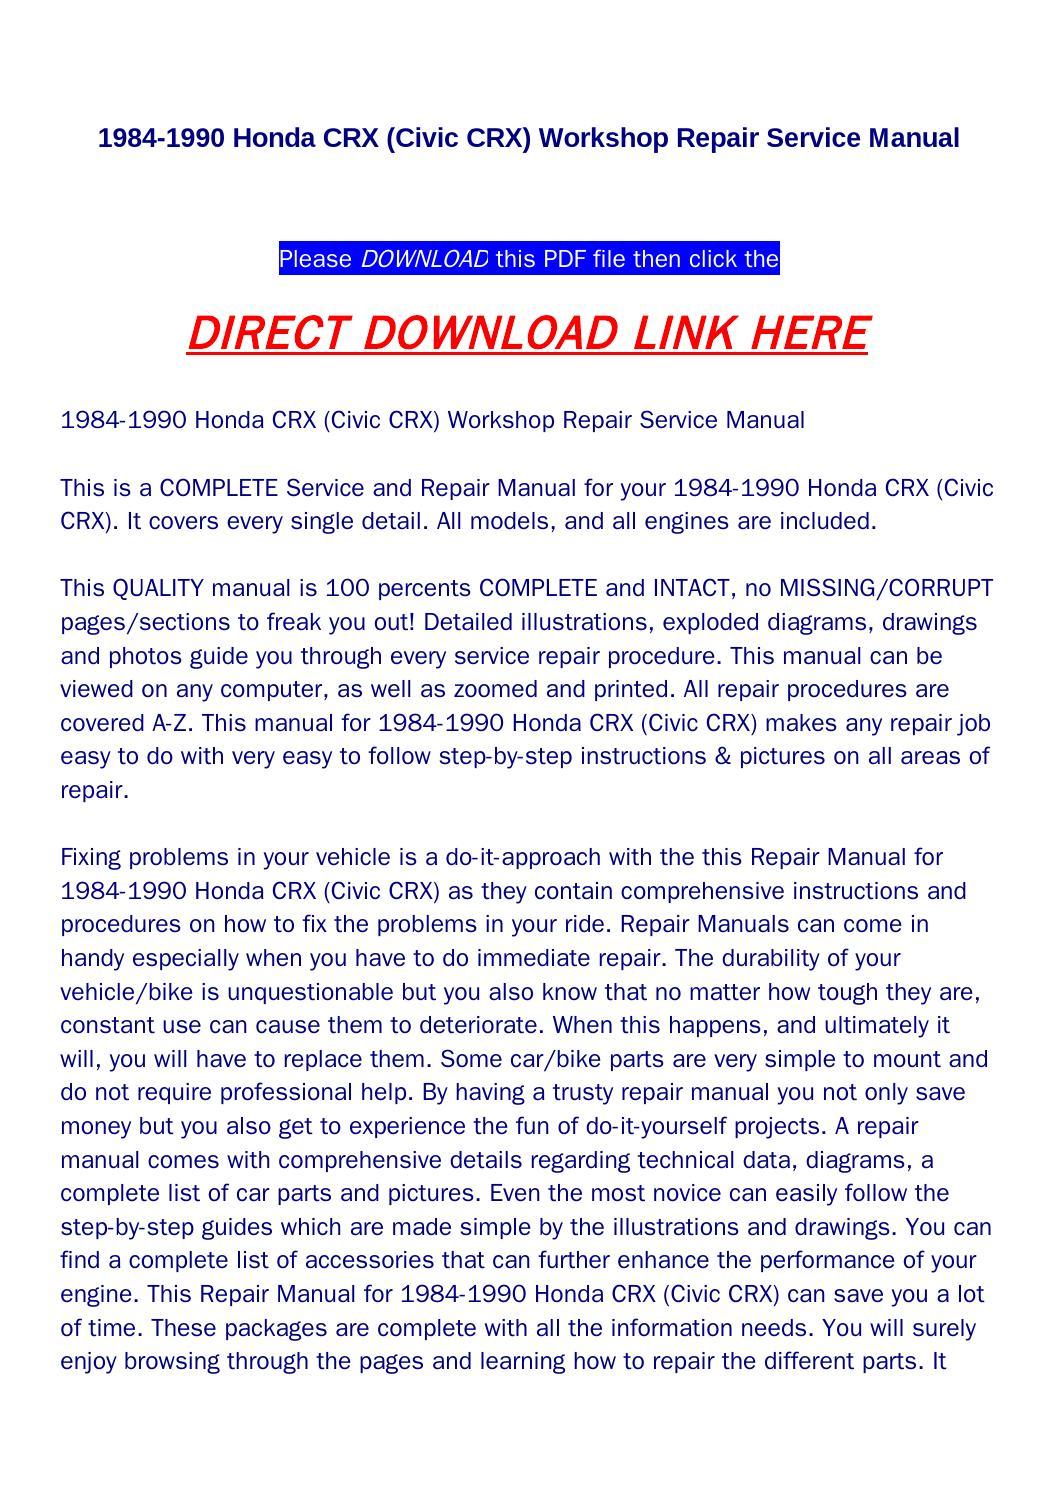 1984 1990 Honda Crx  Civic Crx  Workshop Repair Service Manual By Newton Below